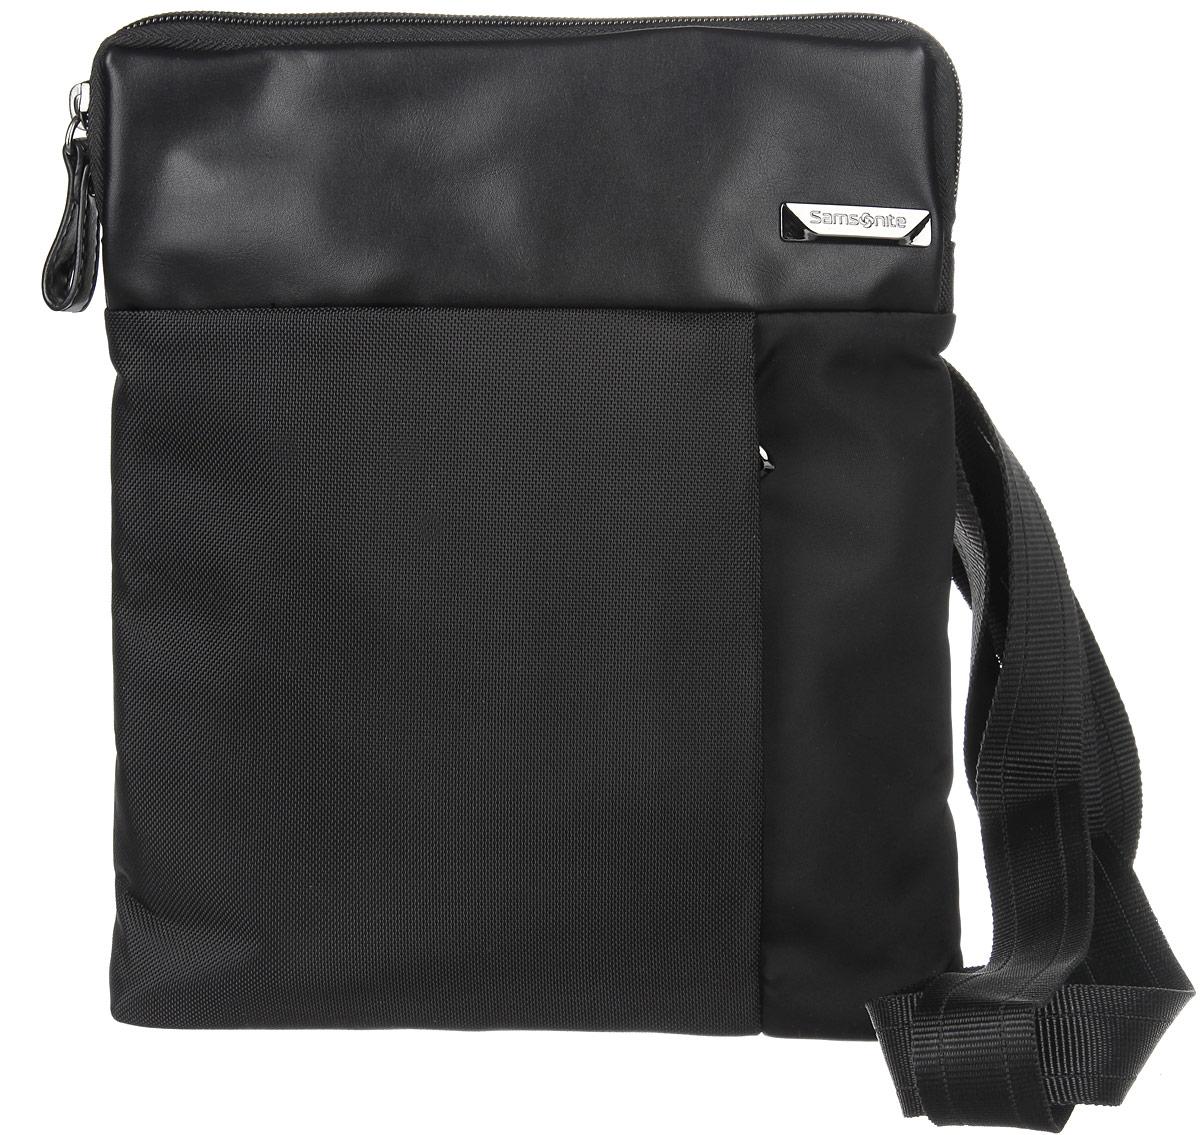 Сумка мужская Samsonite, цвет: черный. 49D-09004S76245Стильная мужская сумка Samsonite выполнена из нейлона и полиуретана, оформлена металлической фурнитурой с символикой бренда.Изделие содержит одно основное отделение, закрывающееся на застежку-молнию. Внутри сумки расположены мягкий карман для планшета, закрывающийся хлястиком на липучку,и небольшой встроенный органайзер, включающий в себя два фиксатора для ручек и три кармашка для пластиковых карт. Задняя сторона сумки дополнена открытым накладным карманом на застежке-липучке. На лицевой стороне расположен потайной кармашек на молнии. Изделие оснащено практичным плечевым ремнем регулируемой длины.Сегодня мужская сумка - необходимый аксессуар для современного мужчины.